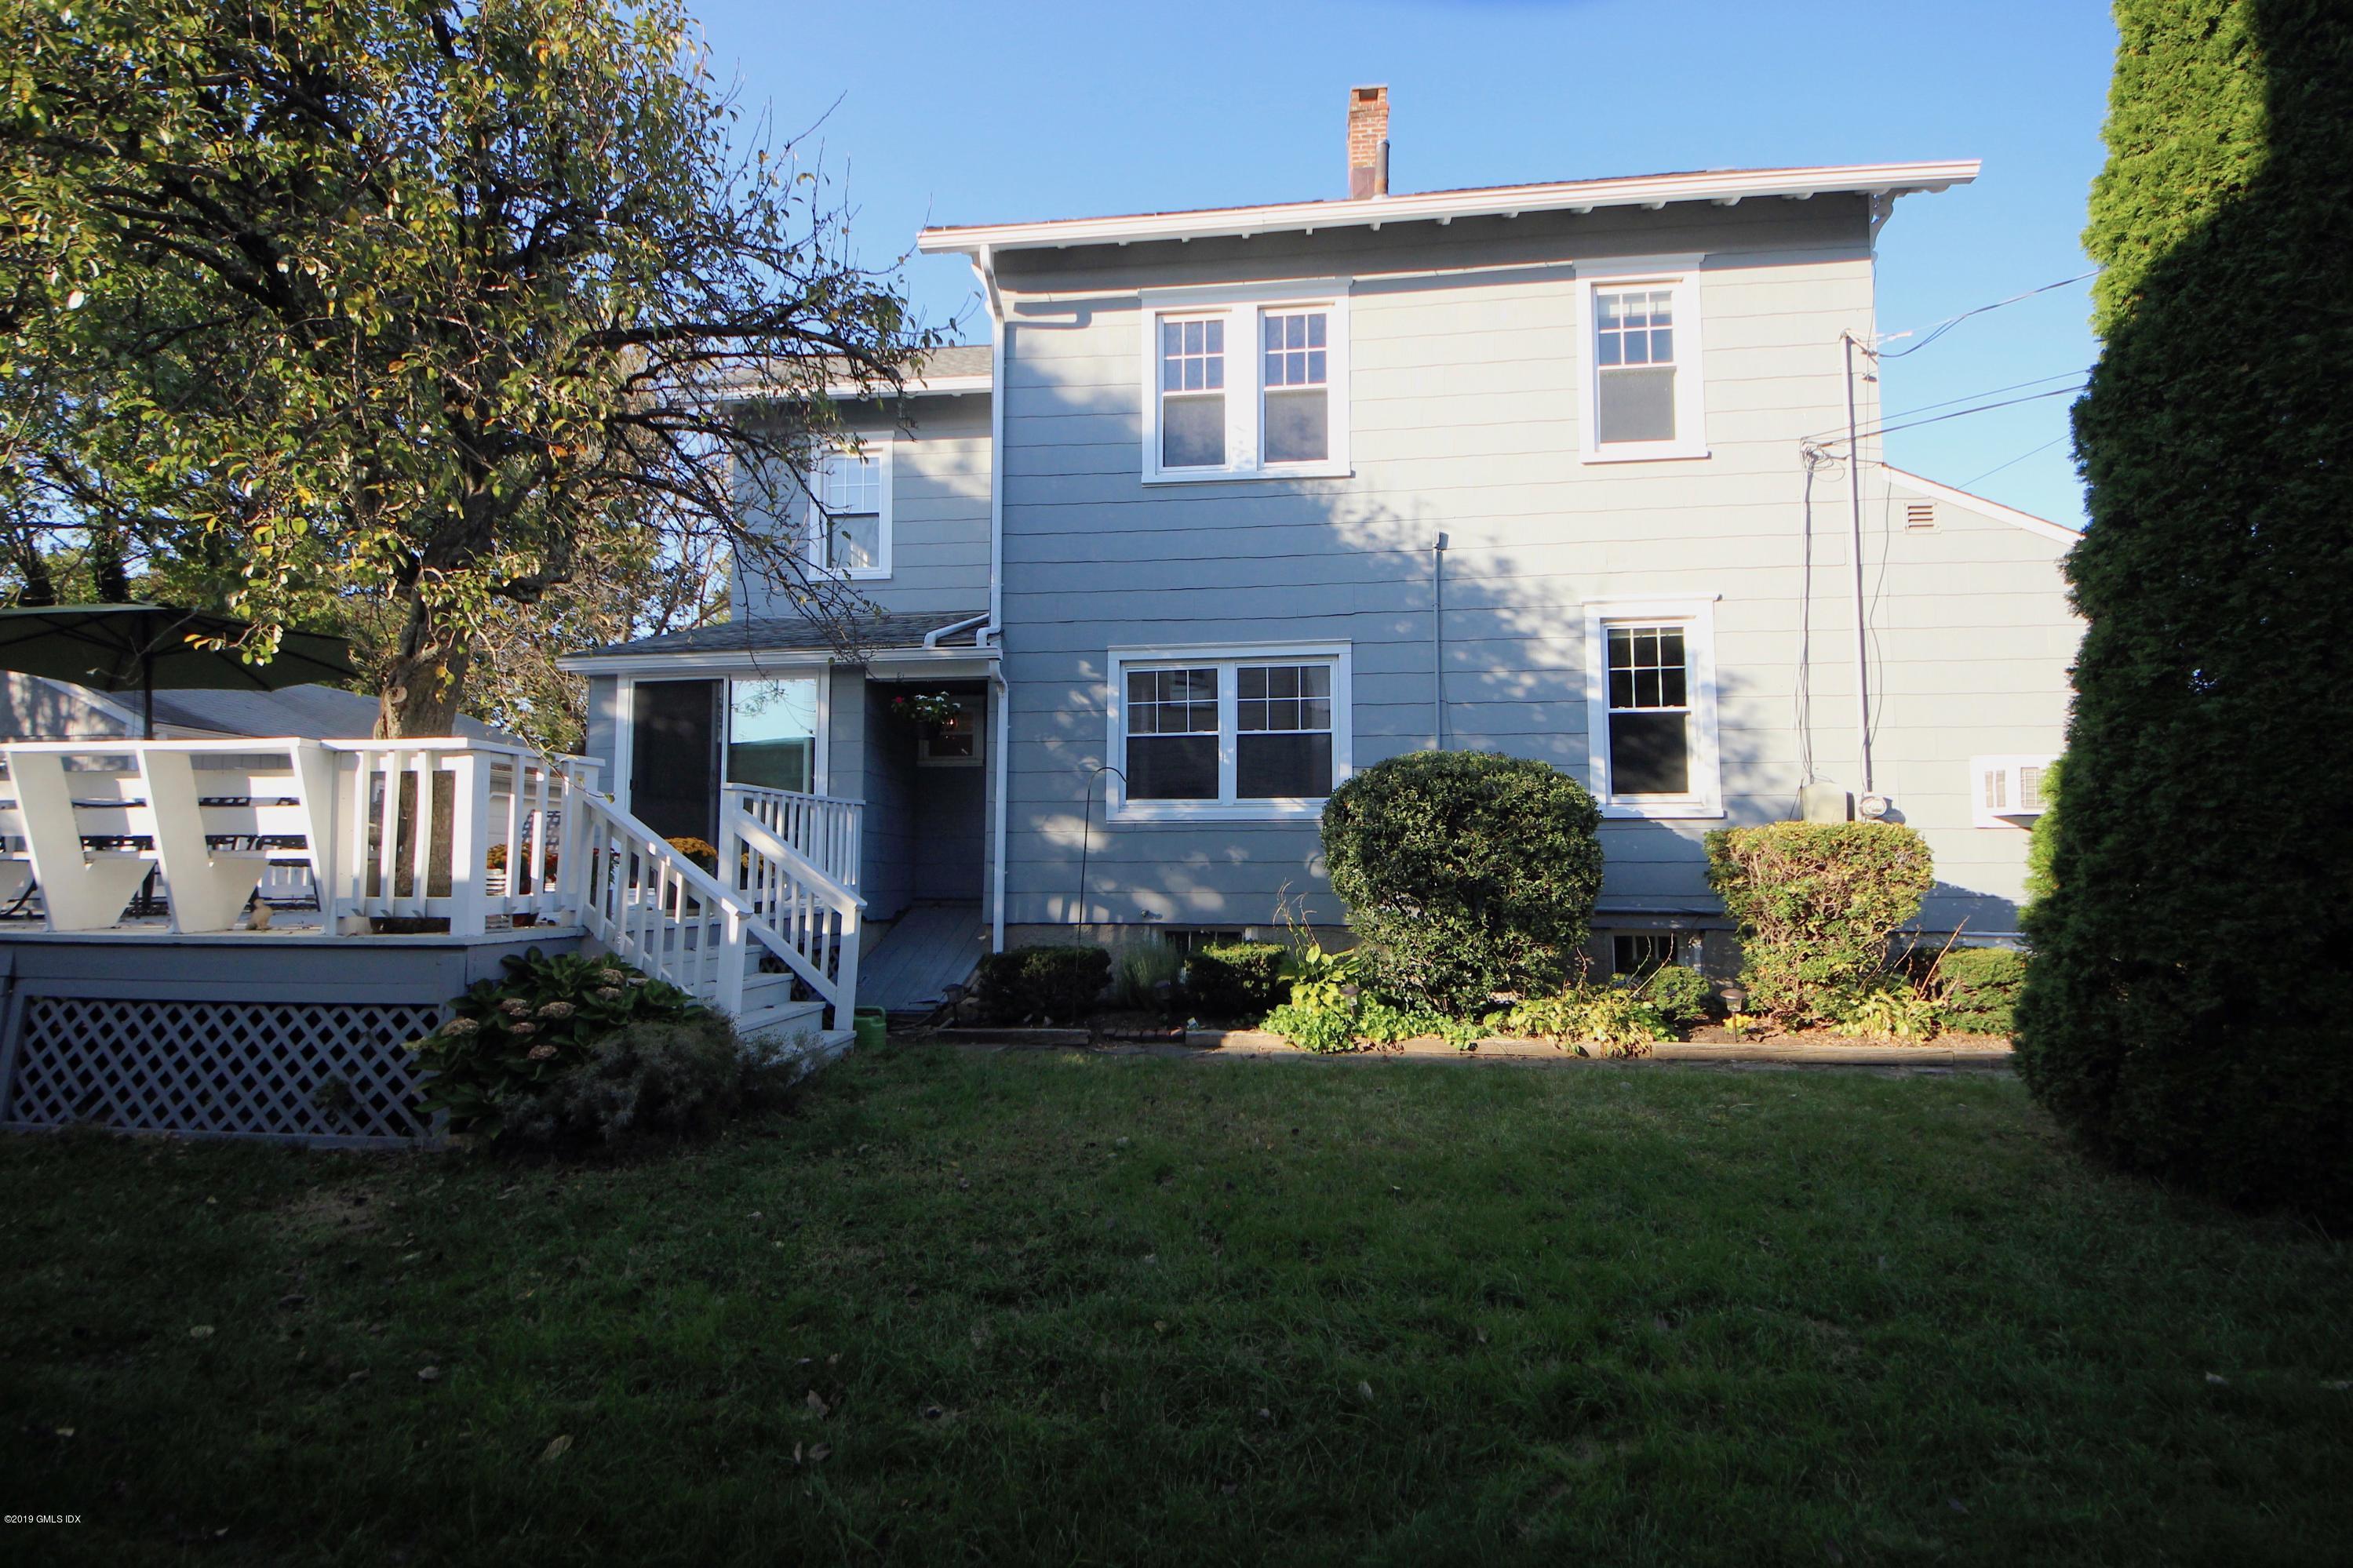 22 Beech Street,Greenwich,Connecticut 06830,3 Bedrooms Bedrooms,2 BathroomsBathrooms,Single family,Beech,108120